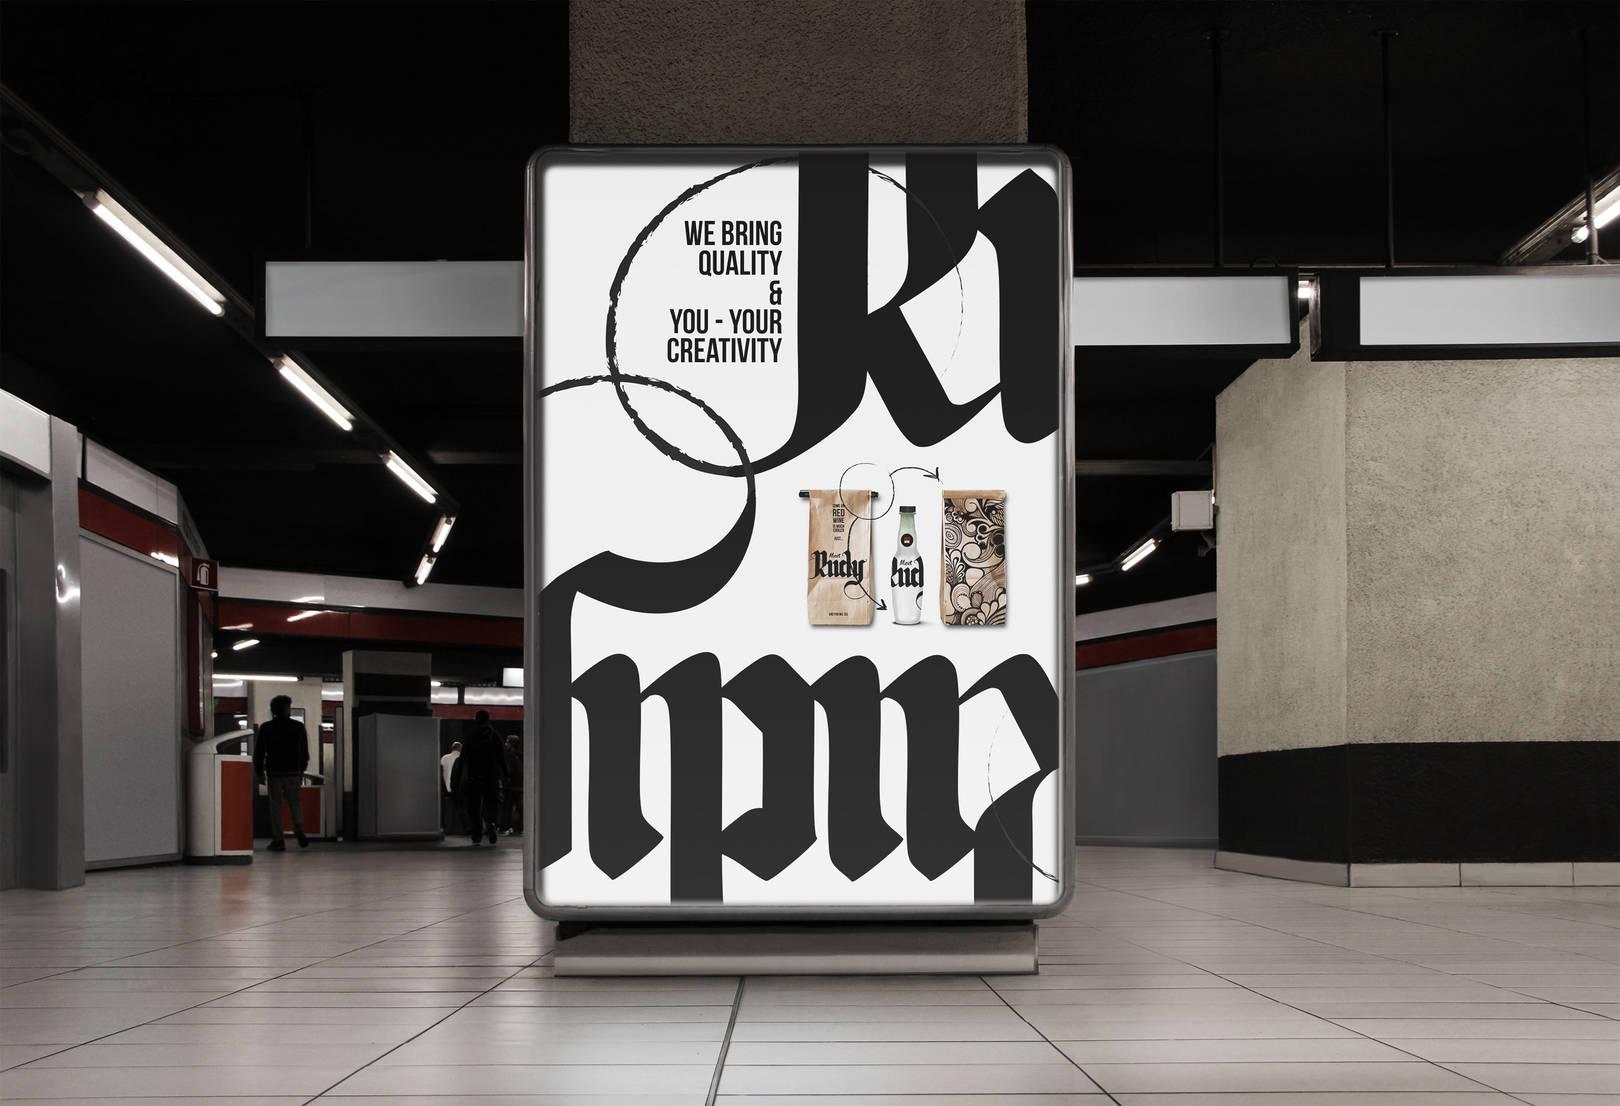 Работа для Graphic Design Contest 2014, который проводили Leo Burnett совместно с OpenBrand. Проект финального круга конкурса. Вошел в число трех особо отмеченных работ.